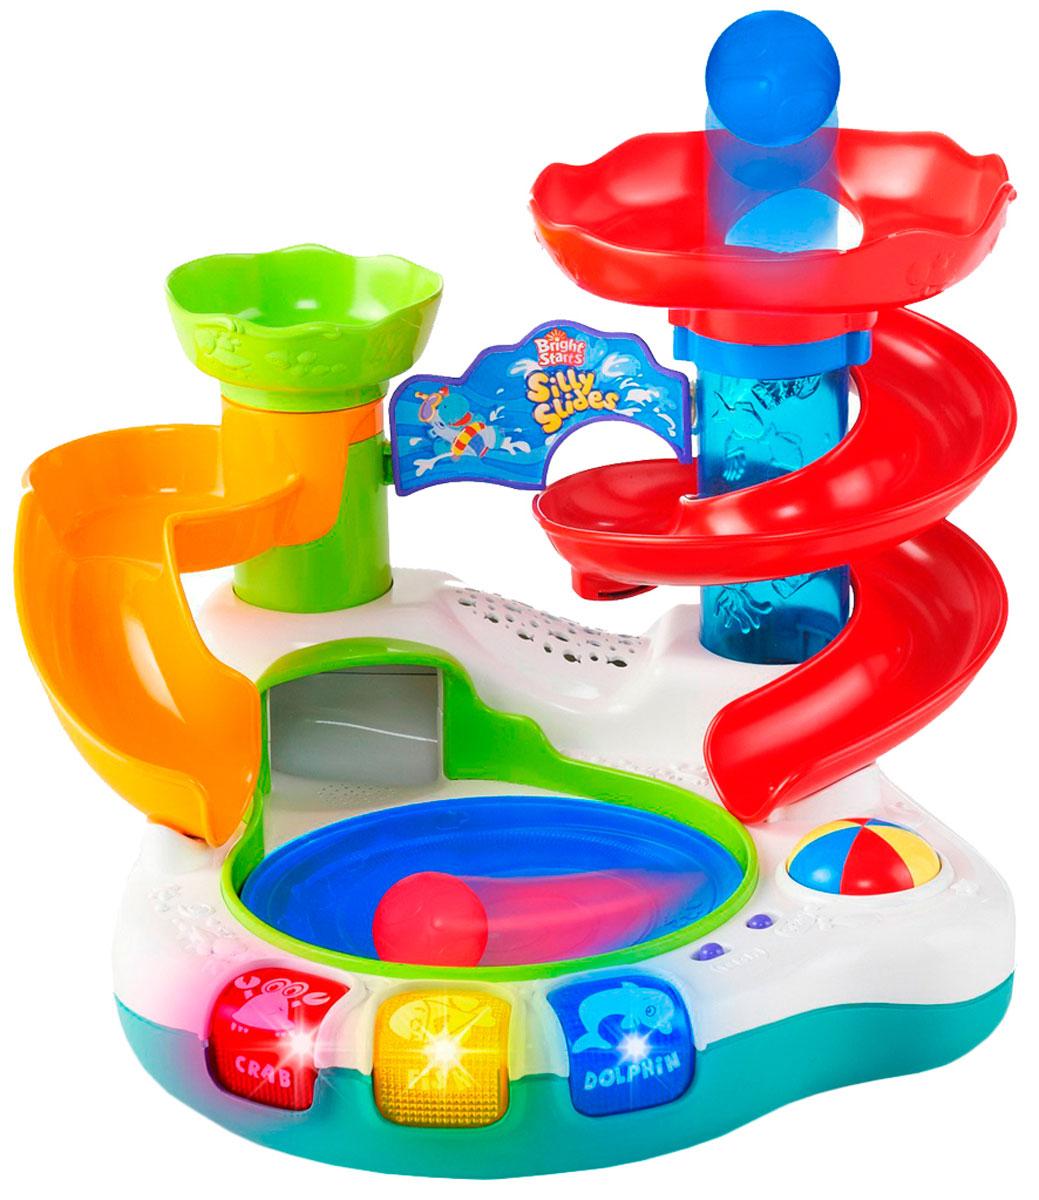 Bright Starts Развивающая игрушка Аквапарк9176Развивающая игрушка Bright Starts Аквапарк подарит море удовольствия вашему малышу! В комплекте пять разноцветных мячиков. Мячики скатываются с горки в бассейн, крутятся в нём и, попадая в трубу, выскакивают вверх. Малышу понравится ловить мячики, вылетающие из трубы! Нажмите на кнопочку и мячики начнут крутиться в бассейне под веселую музыку! Особенности: Панель с кнопочками аквапарка активирует световые и звуковые эффекты (тропические мелодии, простые звуки). 3 разноцветные кнопочки с названиями животных. Bright Starts - это торговая марка американской компании Kids II, которая появилась на свет в 1969 году. Несмотря на давнюю широкую известность в Америке и странах Европы, для российского рынка Bright Starts относительной новый бренд. Однако, не смотря на это, он уже успел приобрести значительную популярность. Наиболее востребованные в России кресла-качалки и развивающие коврики. Эти товары призваны окружить малышей вниманием и забавлять их с первых месяцев...